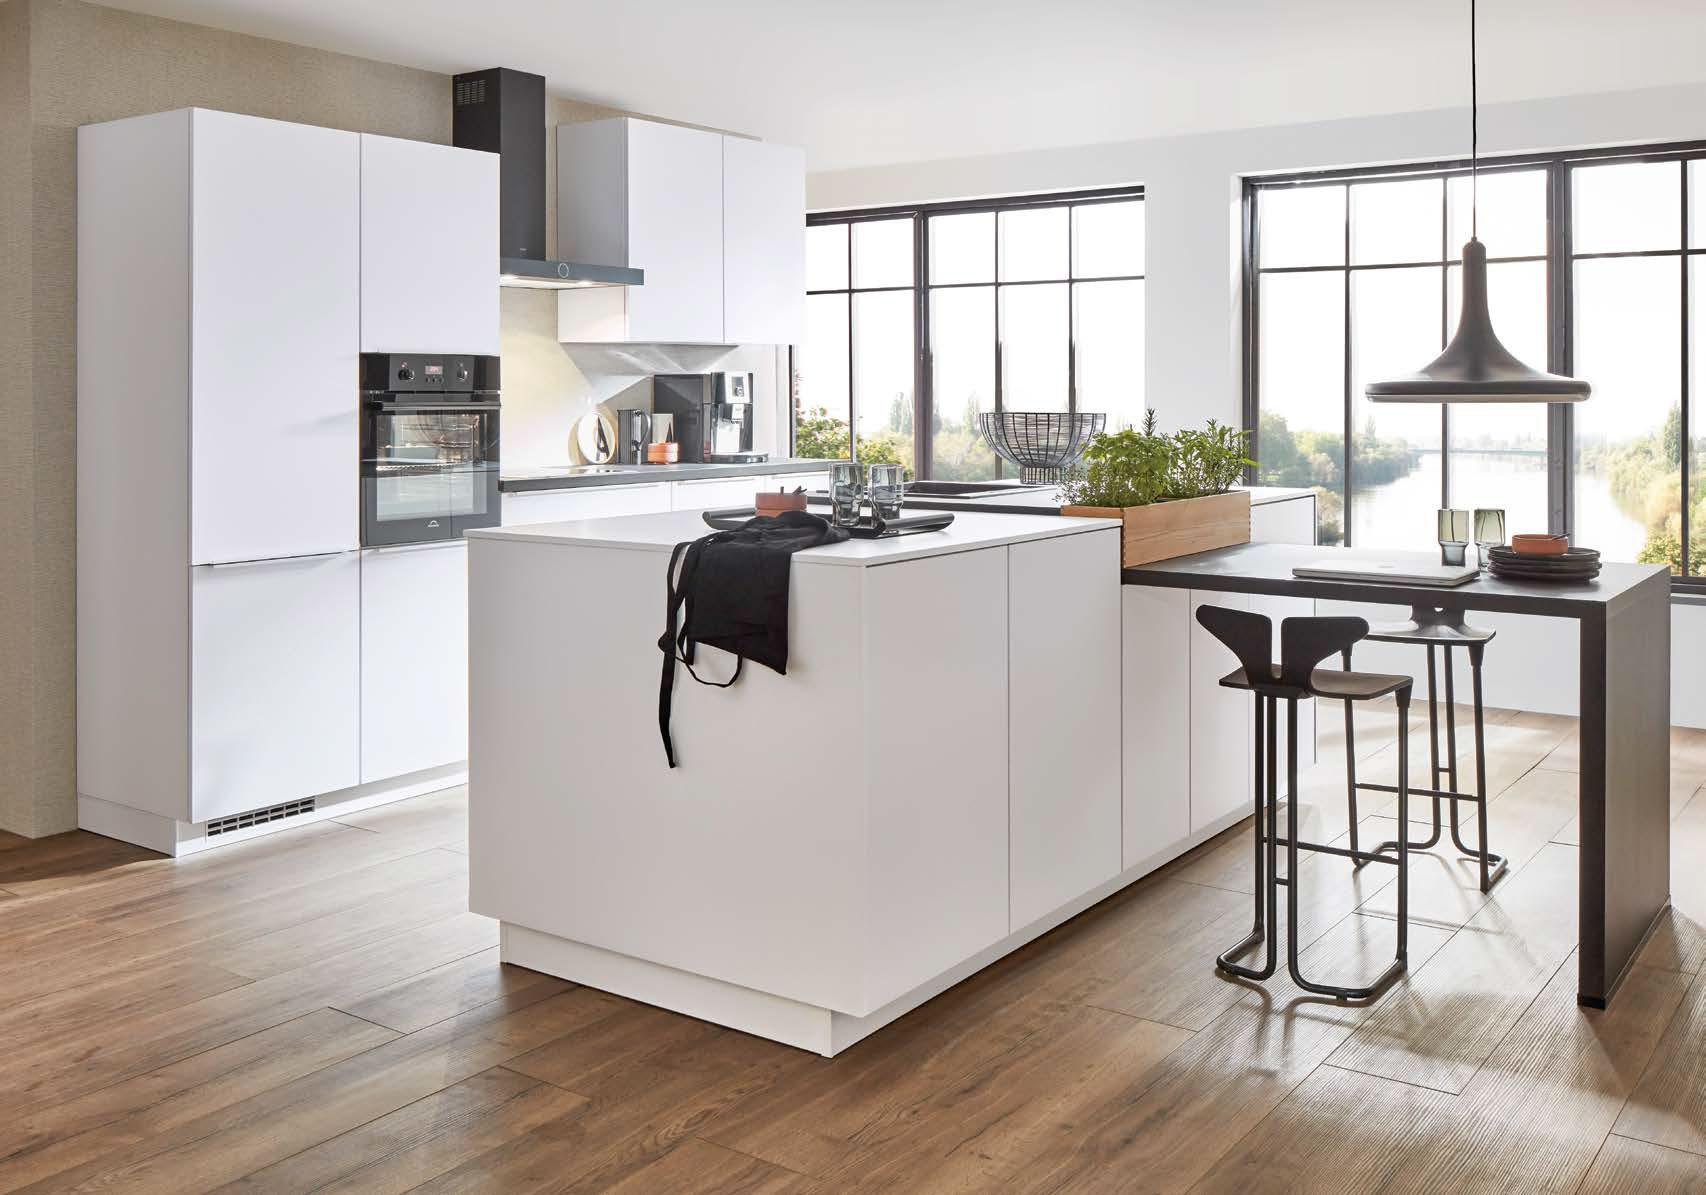 EASYTOUCH Küche B703039